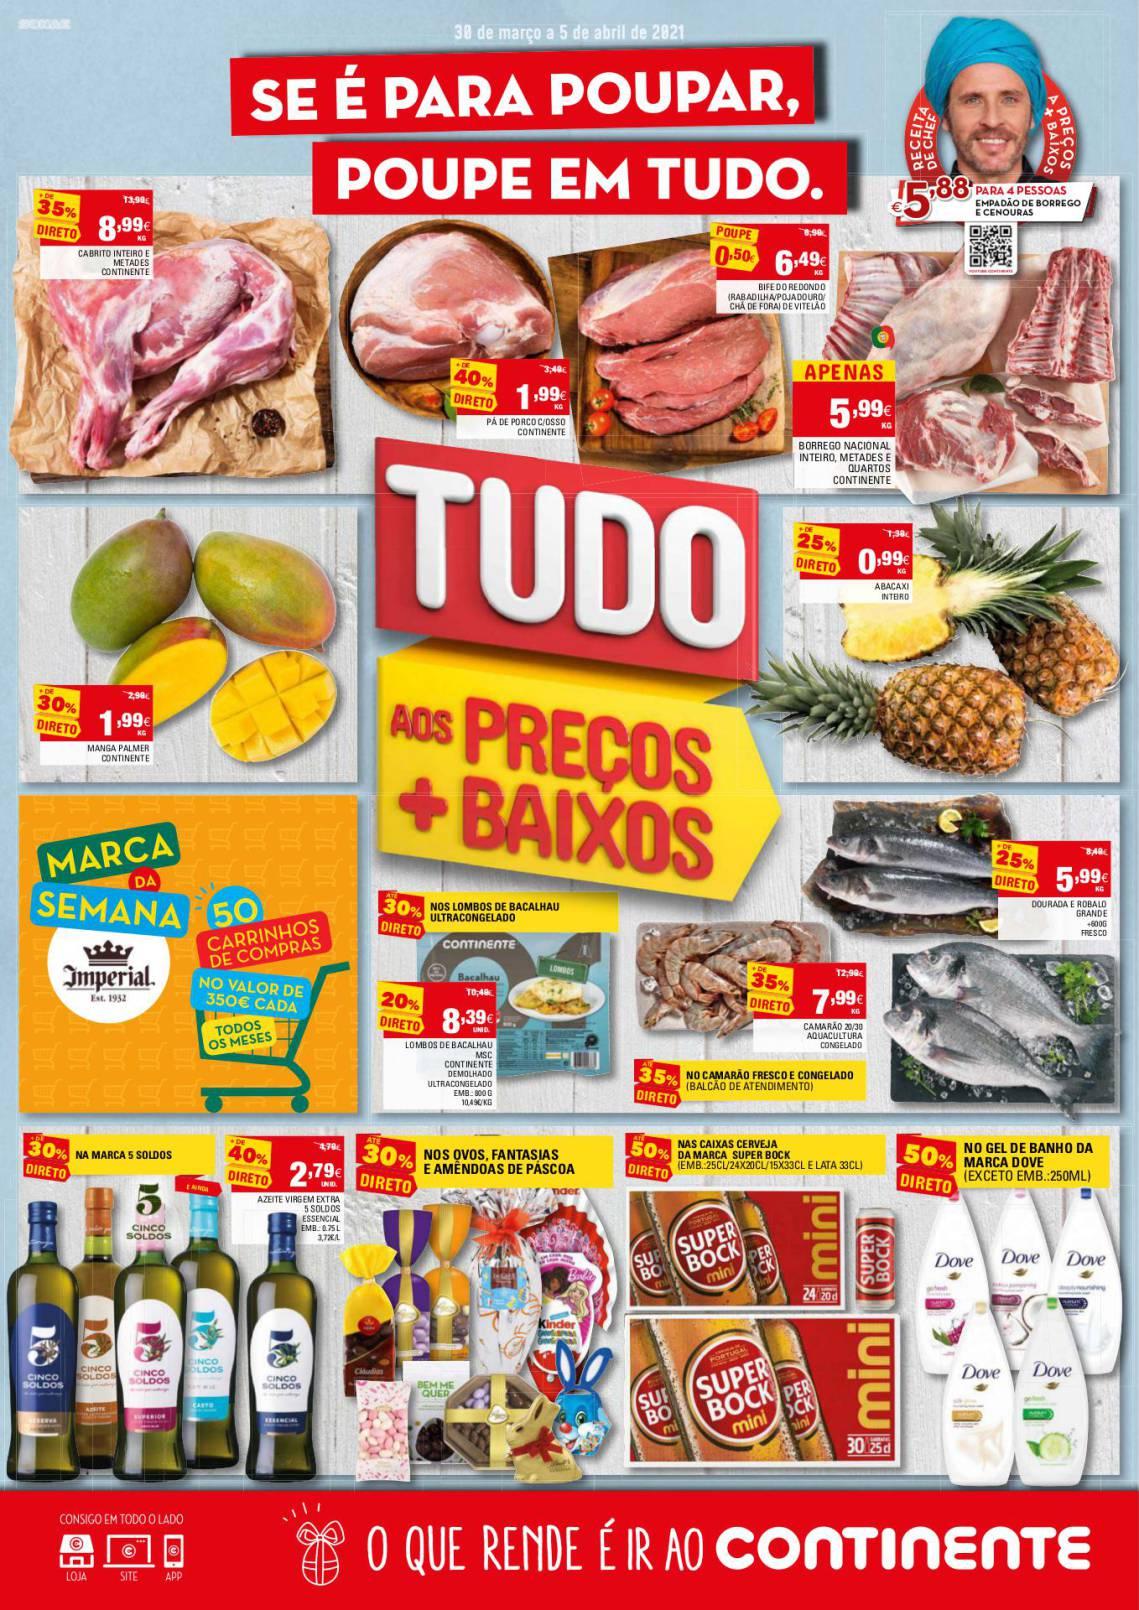 folheto continente promocoes 30 marco 5 abril 1